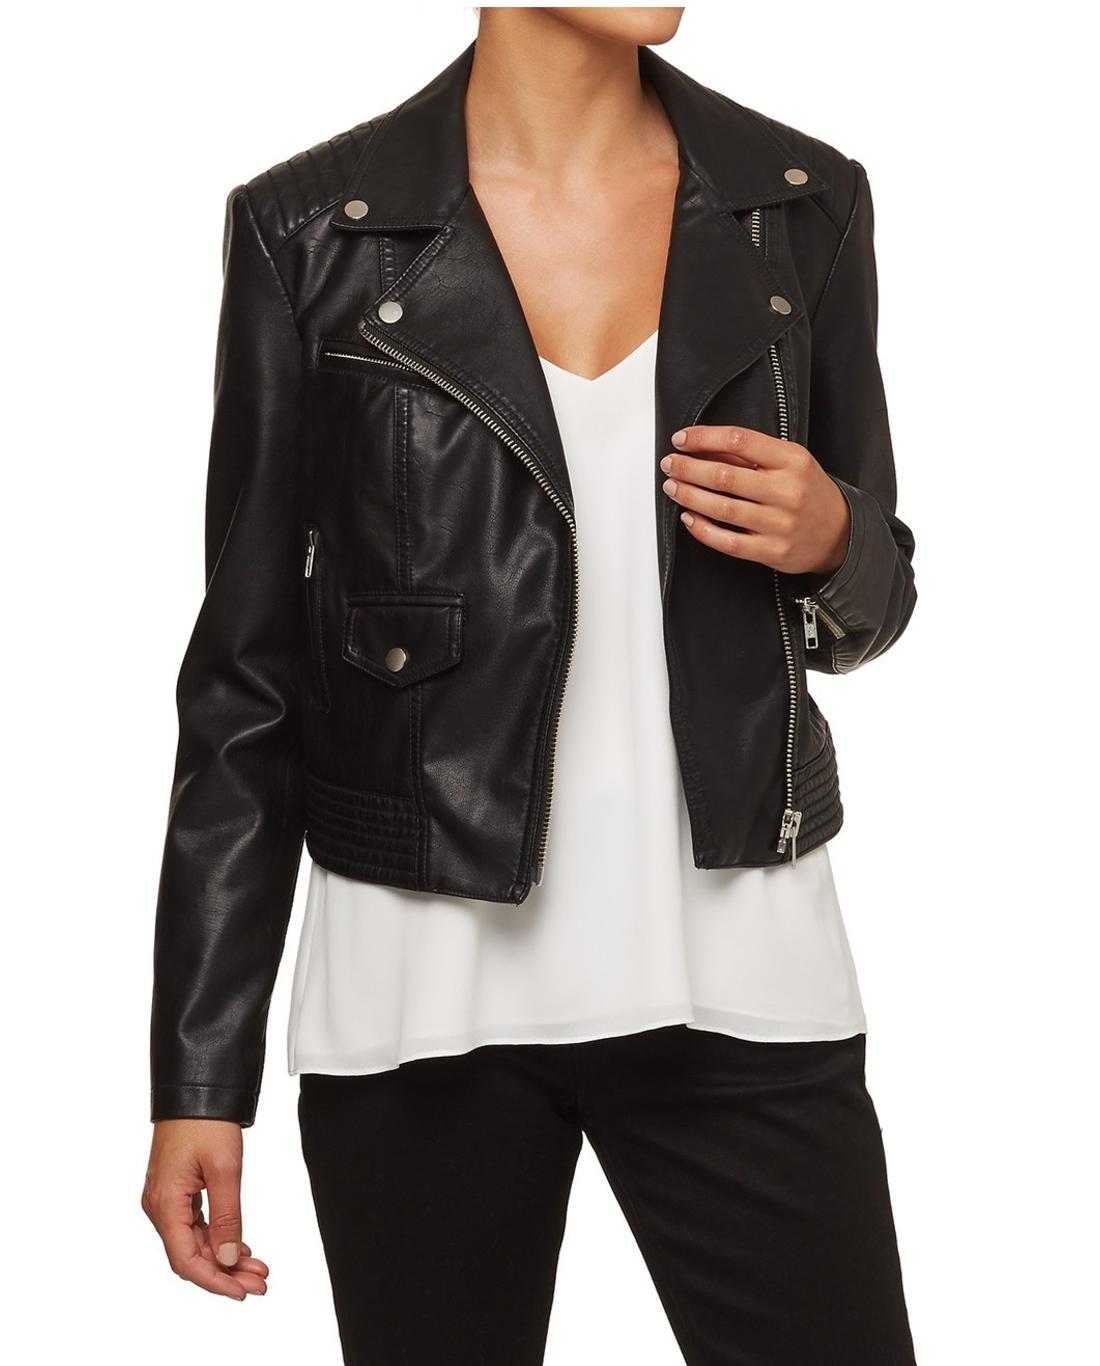 Sportsgirl PU biker jacket